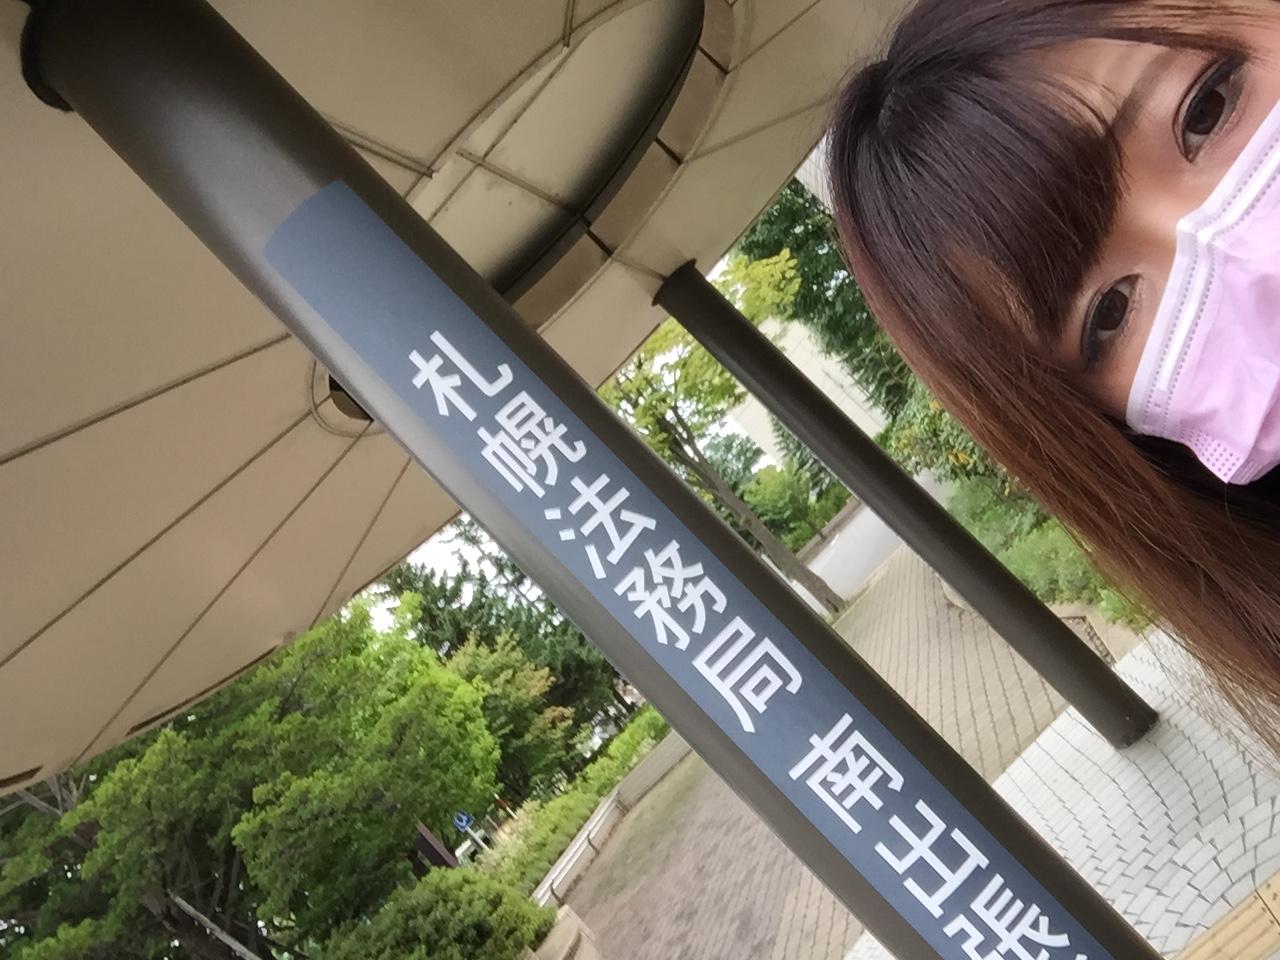 8月30日 水曜日のひとログヽ( 'ω' )ノ キャンピングカー・バスもレンタルできます♬TOMMY_b0127002_16235581.jpg